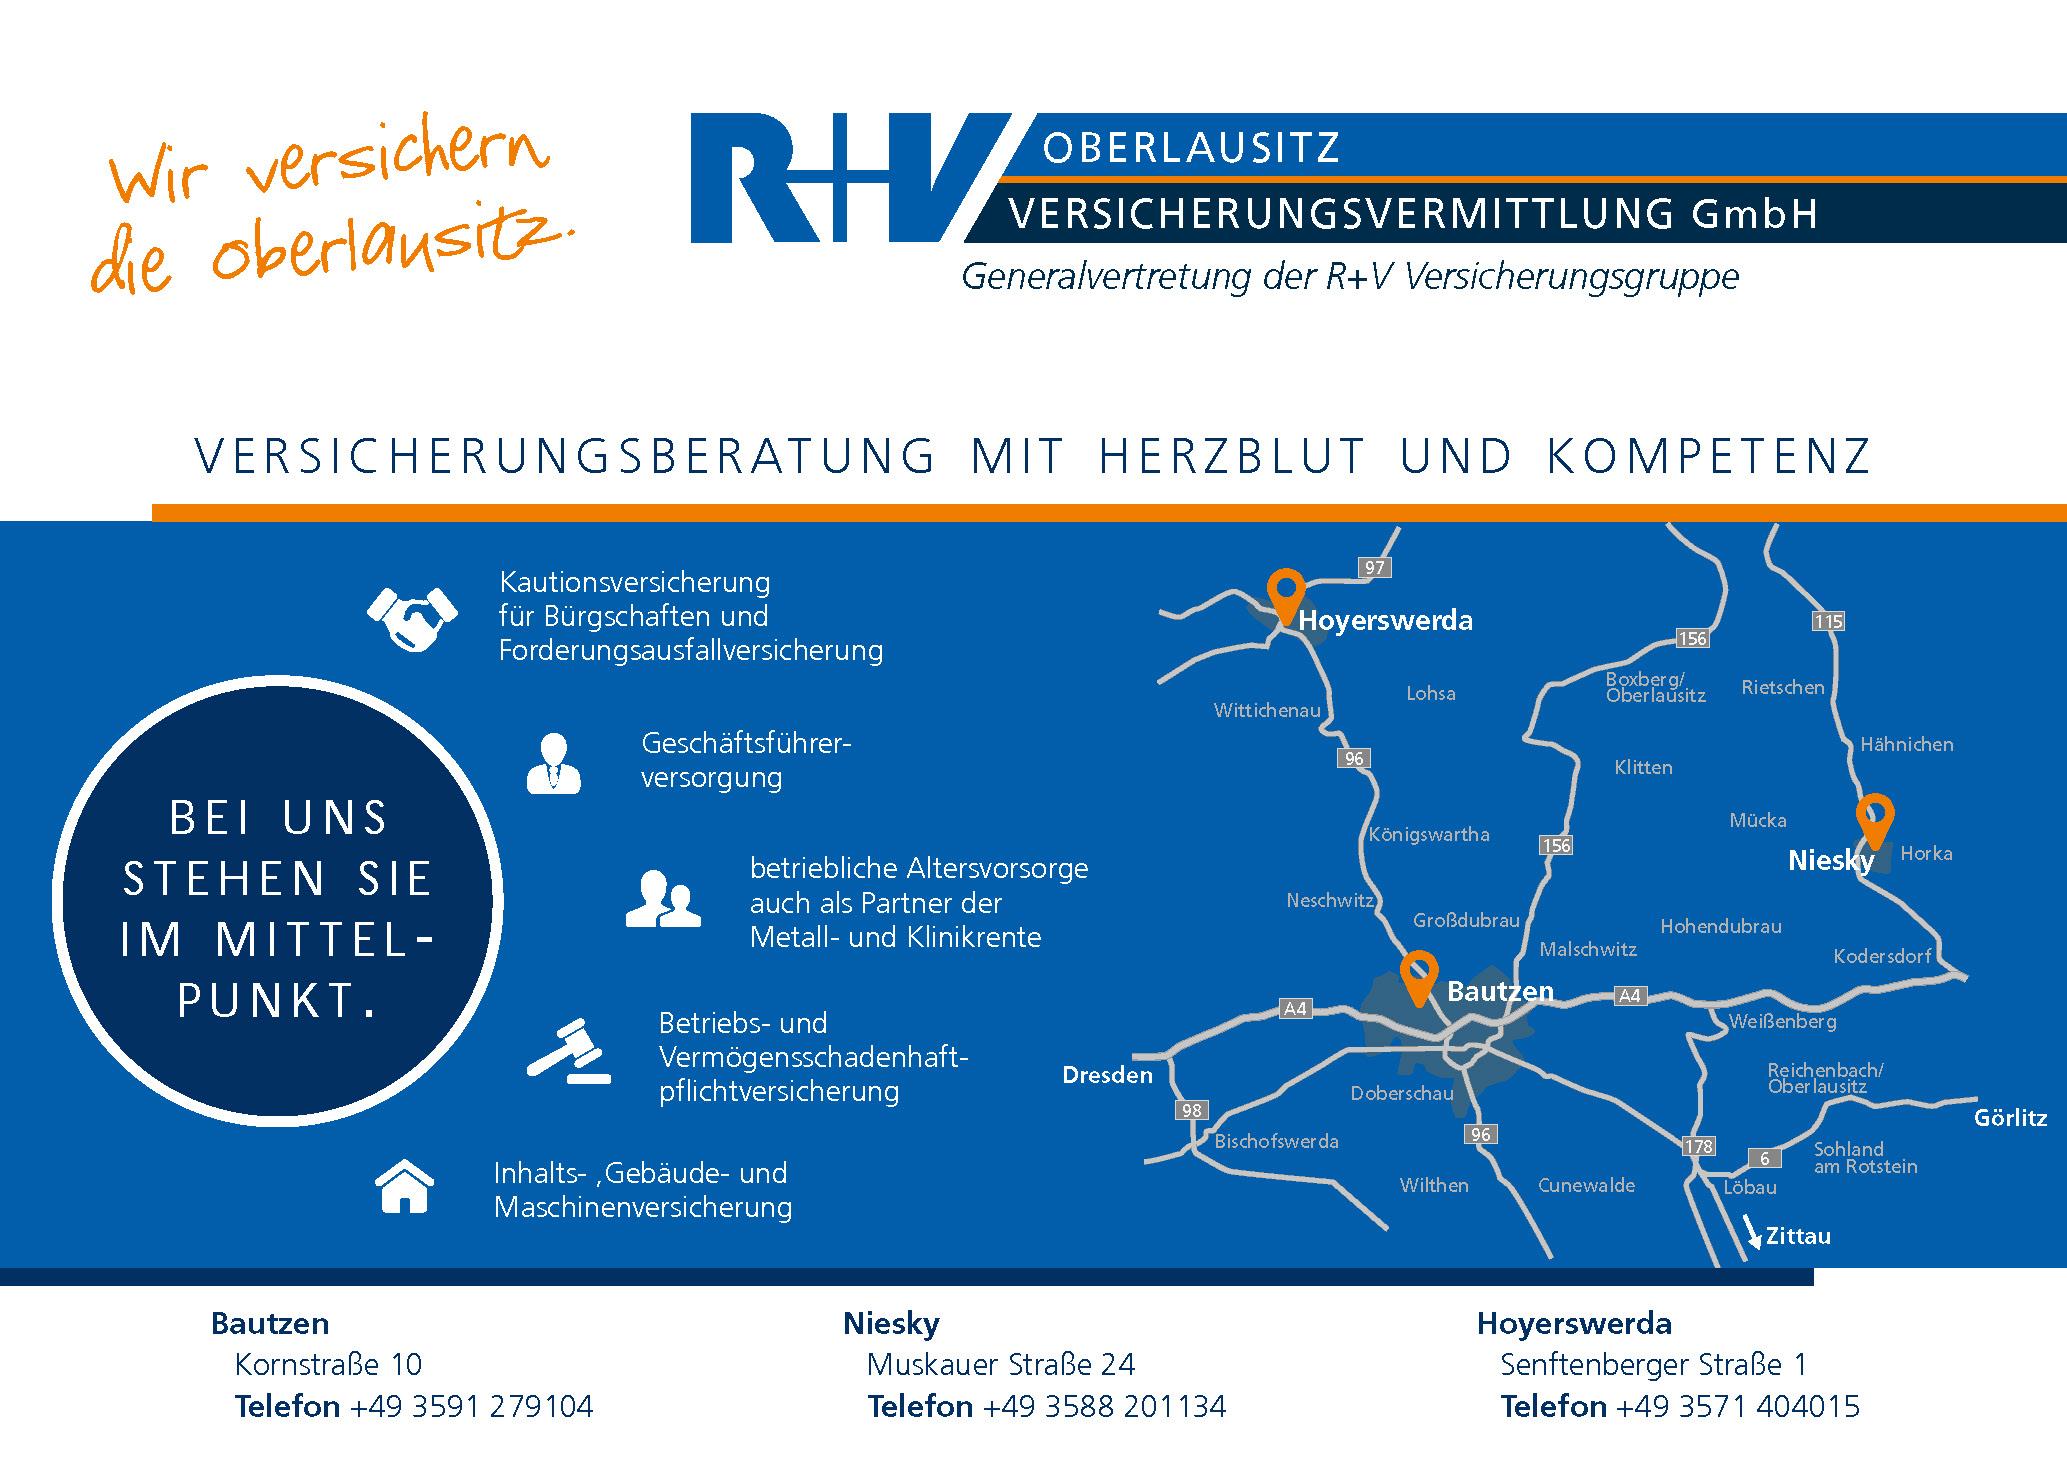 R+V Generalvertretung Oberlausitz GmbH